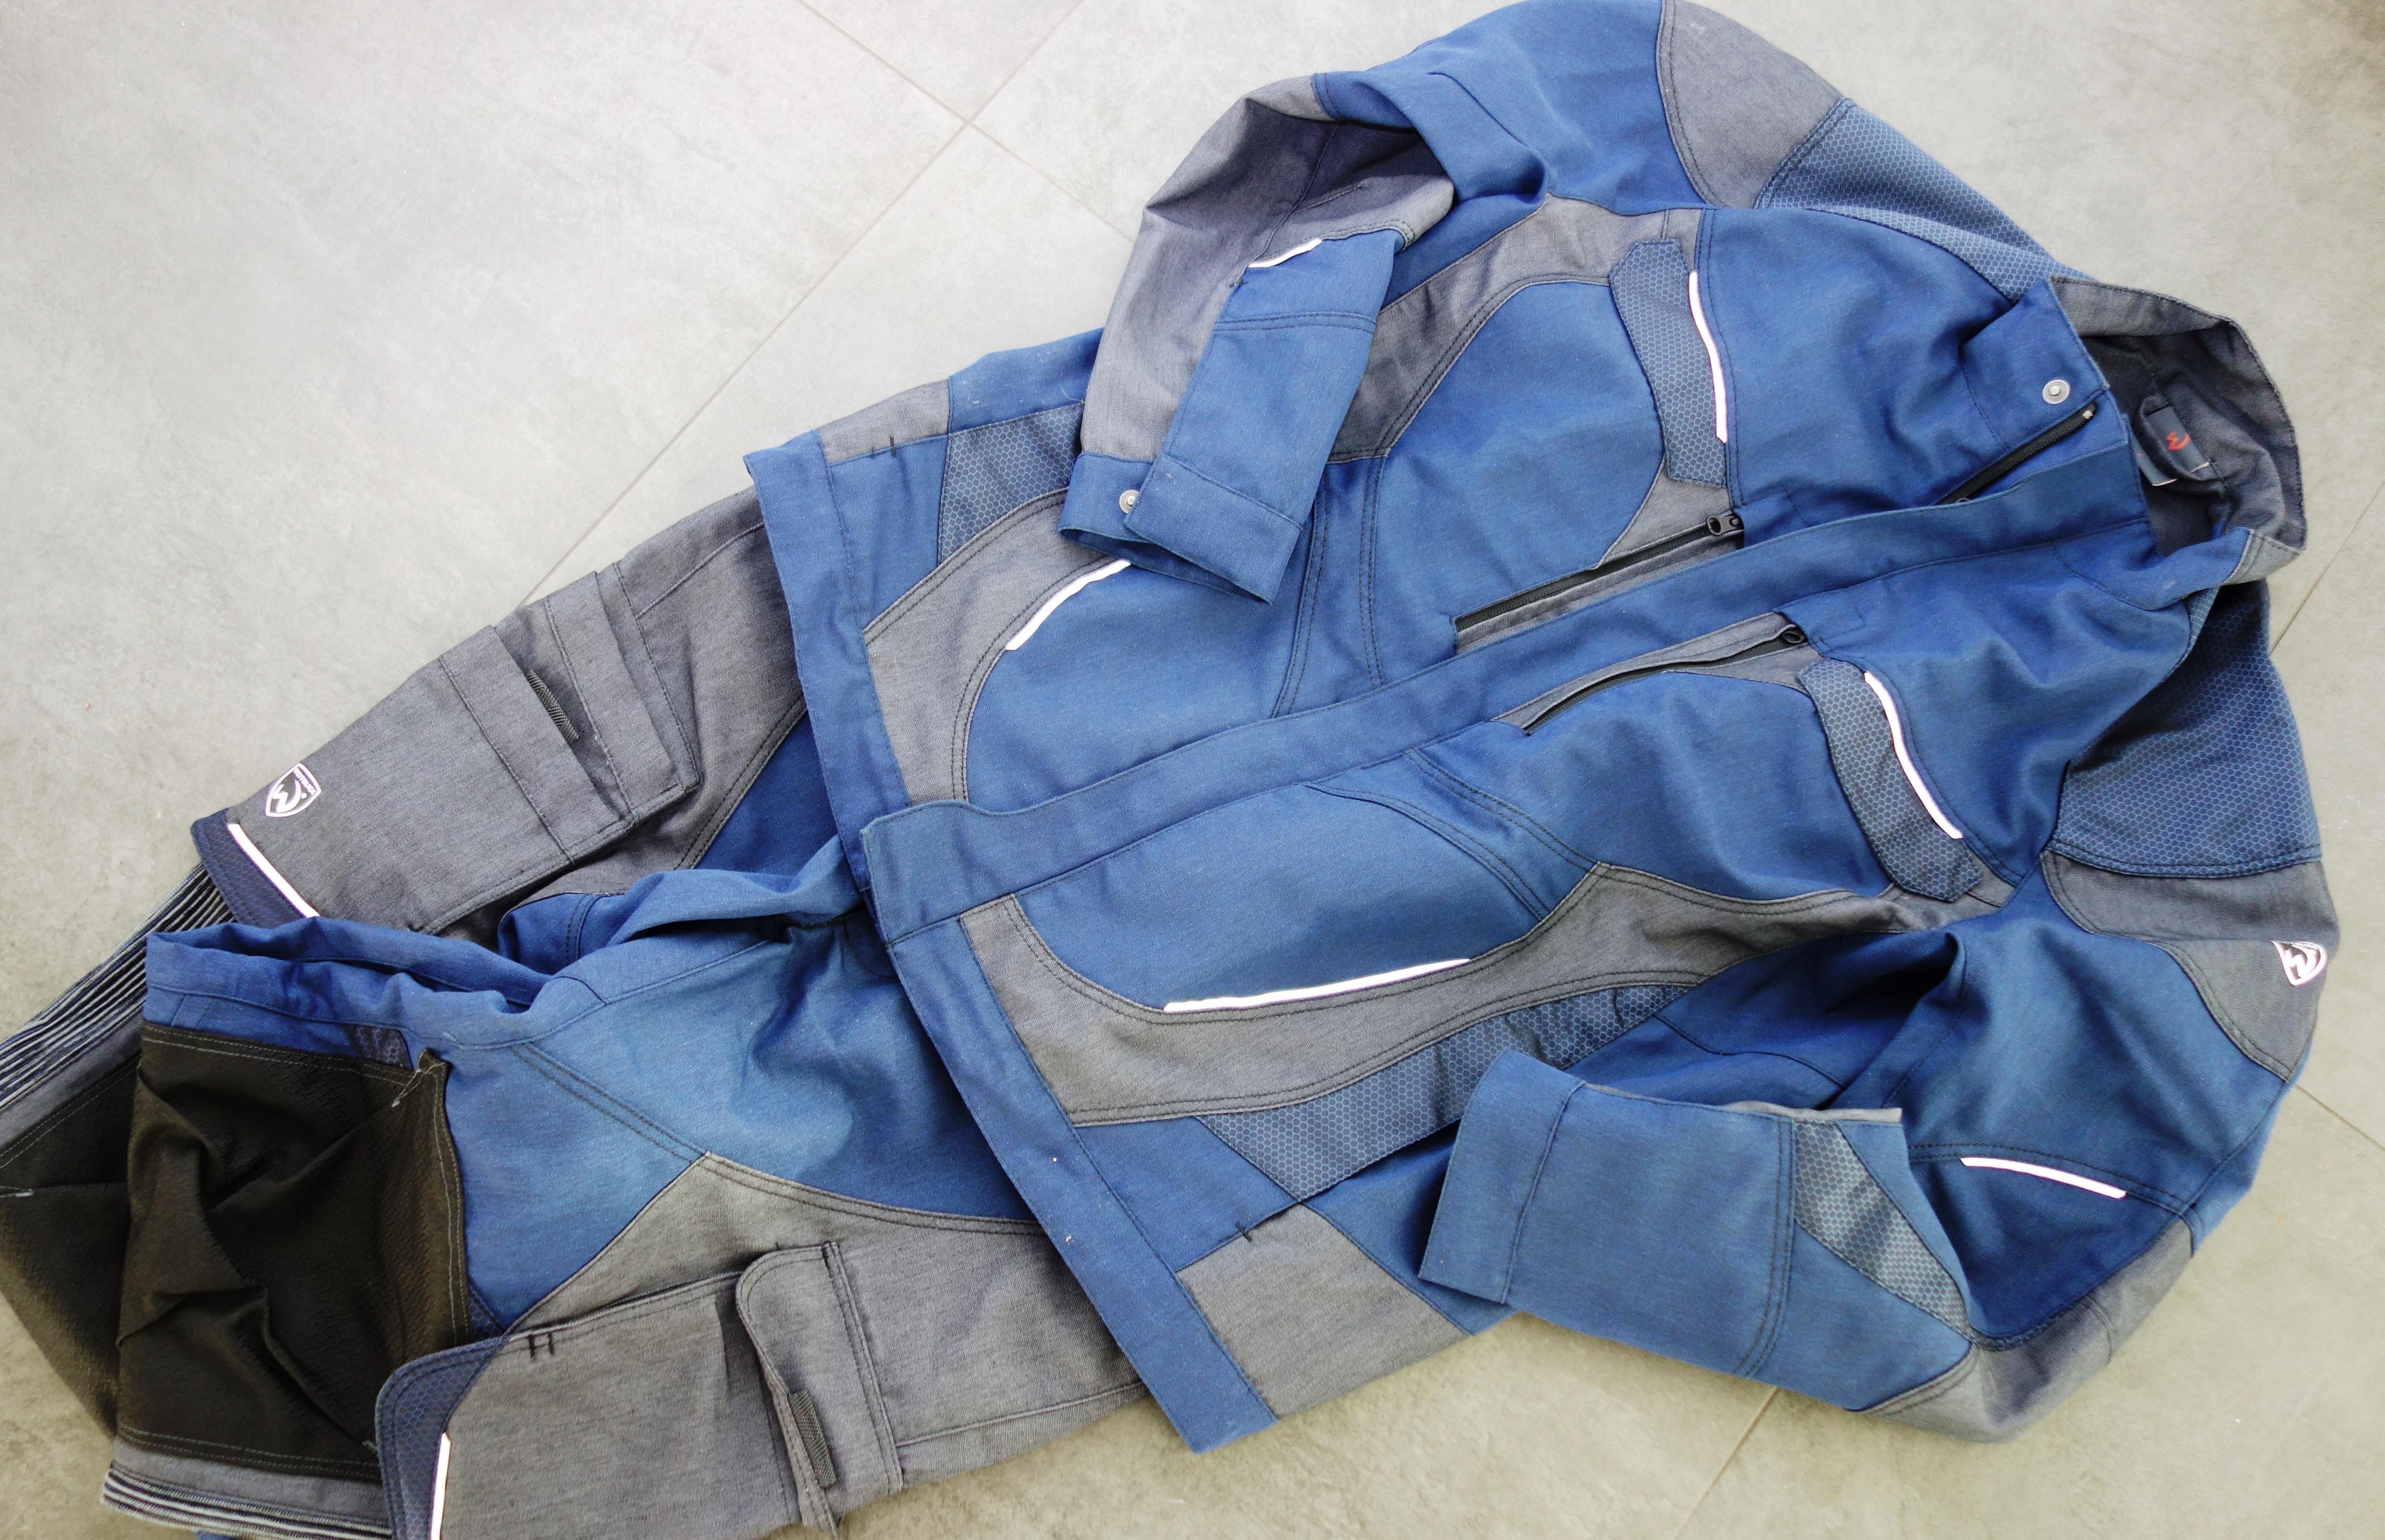 DSC01250 - Arbeitskleidung von heute: Modern und für den Alltag geeignet